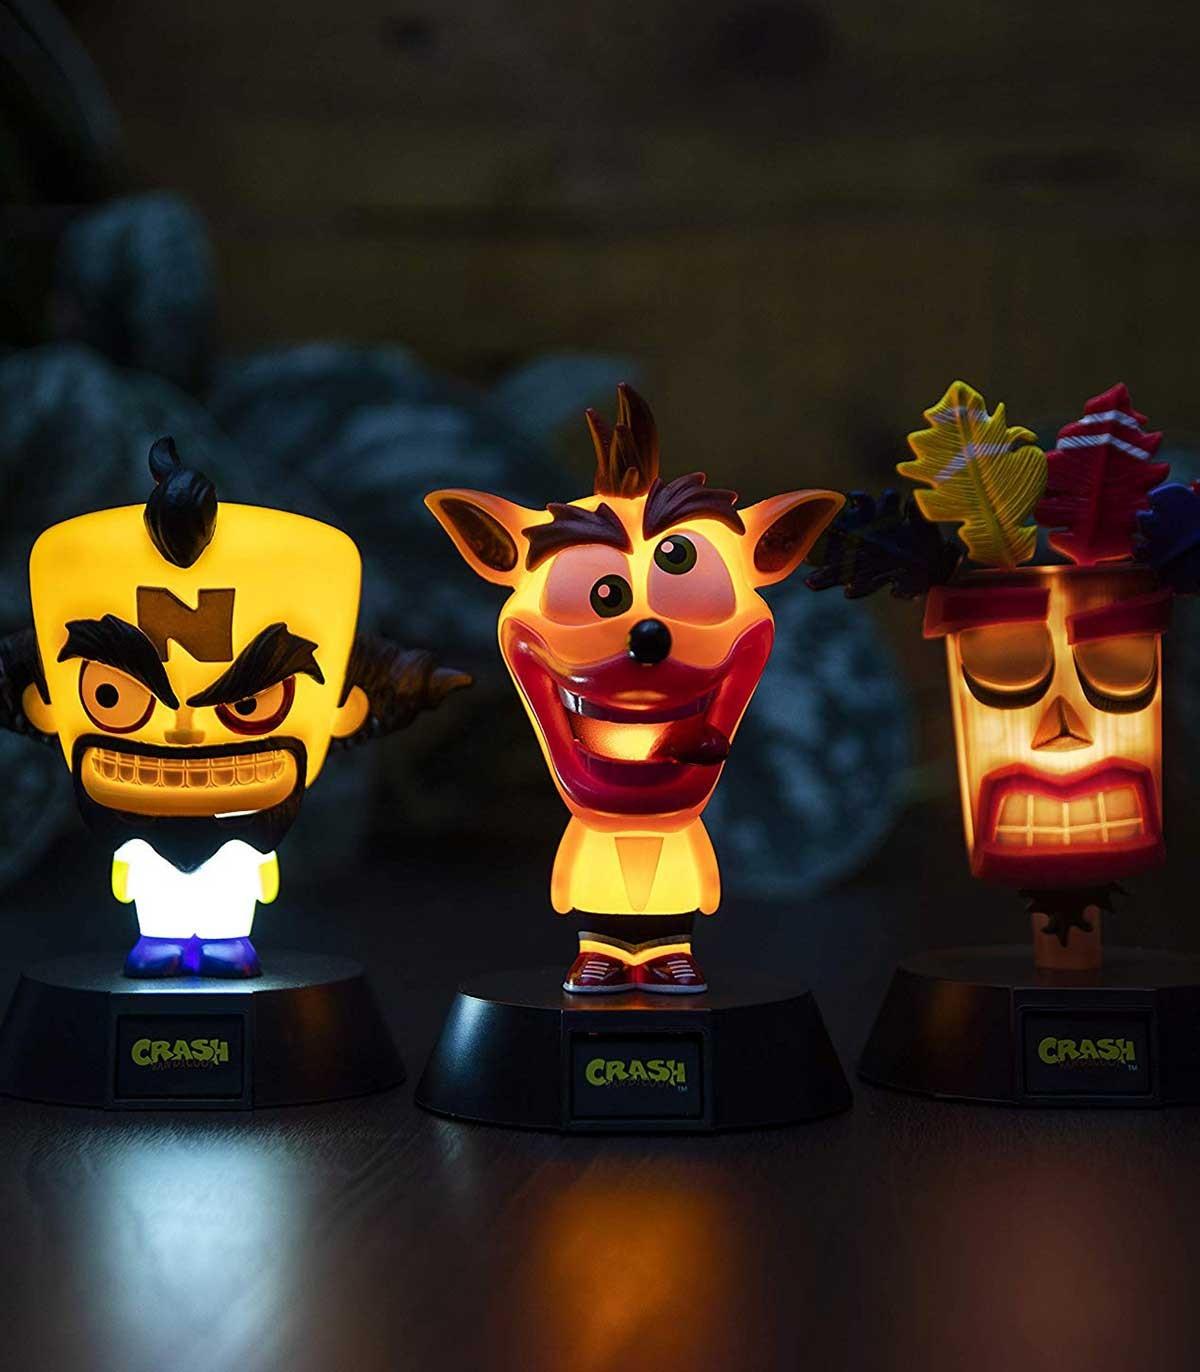 چراغ شمایل Crash Bandicoot